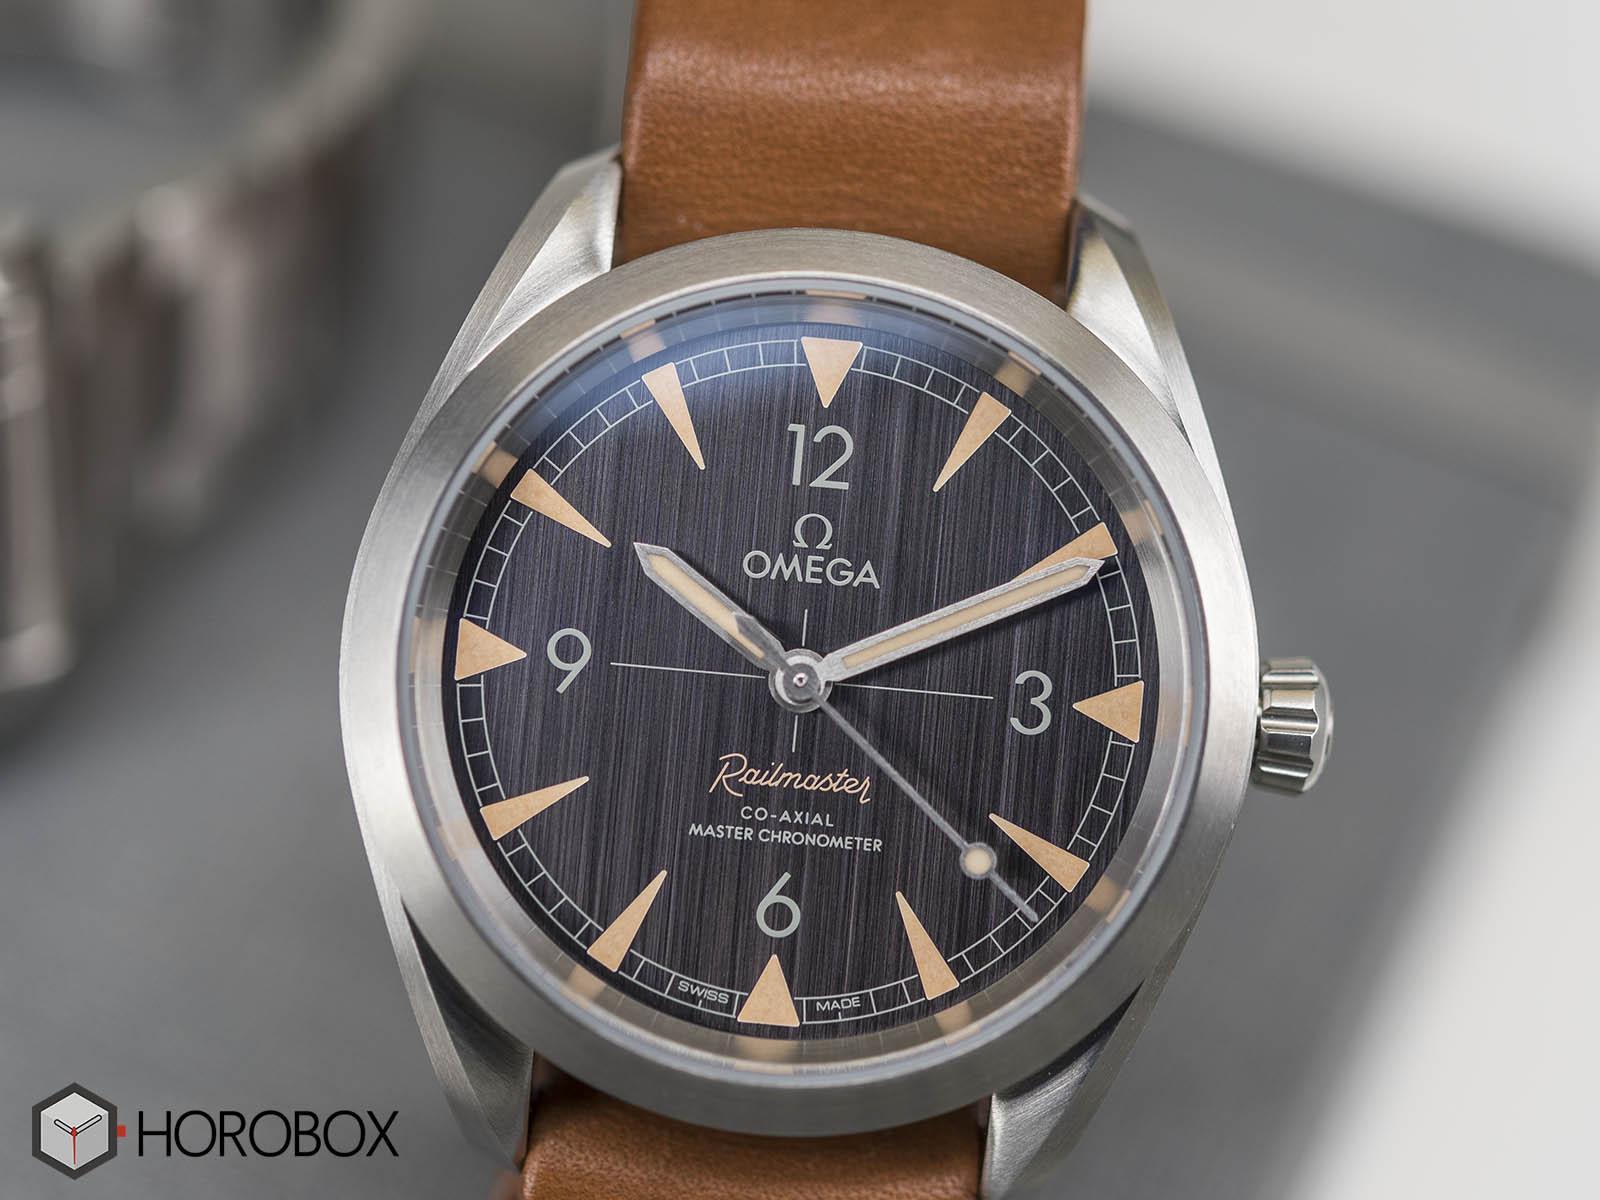 omega-seamaster-railmaster-master-chronometer-220-12-40-20-06-001-3-.jpg